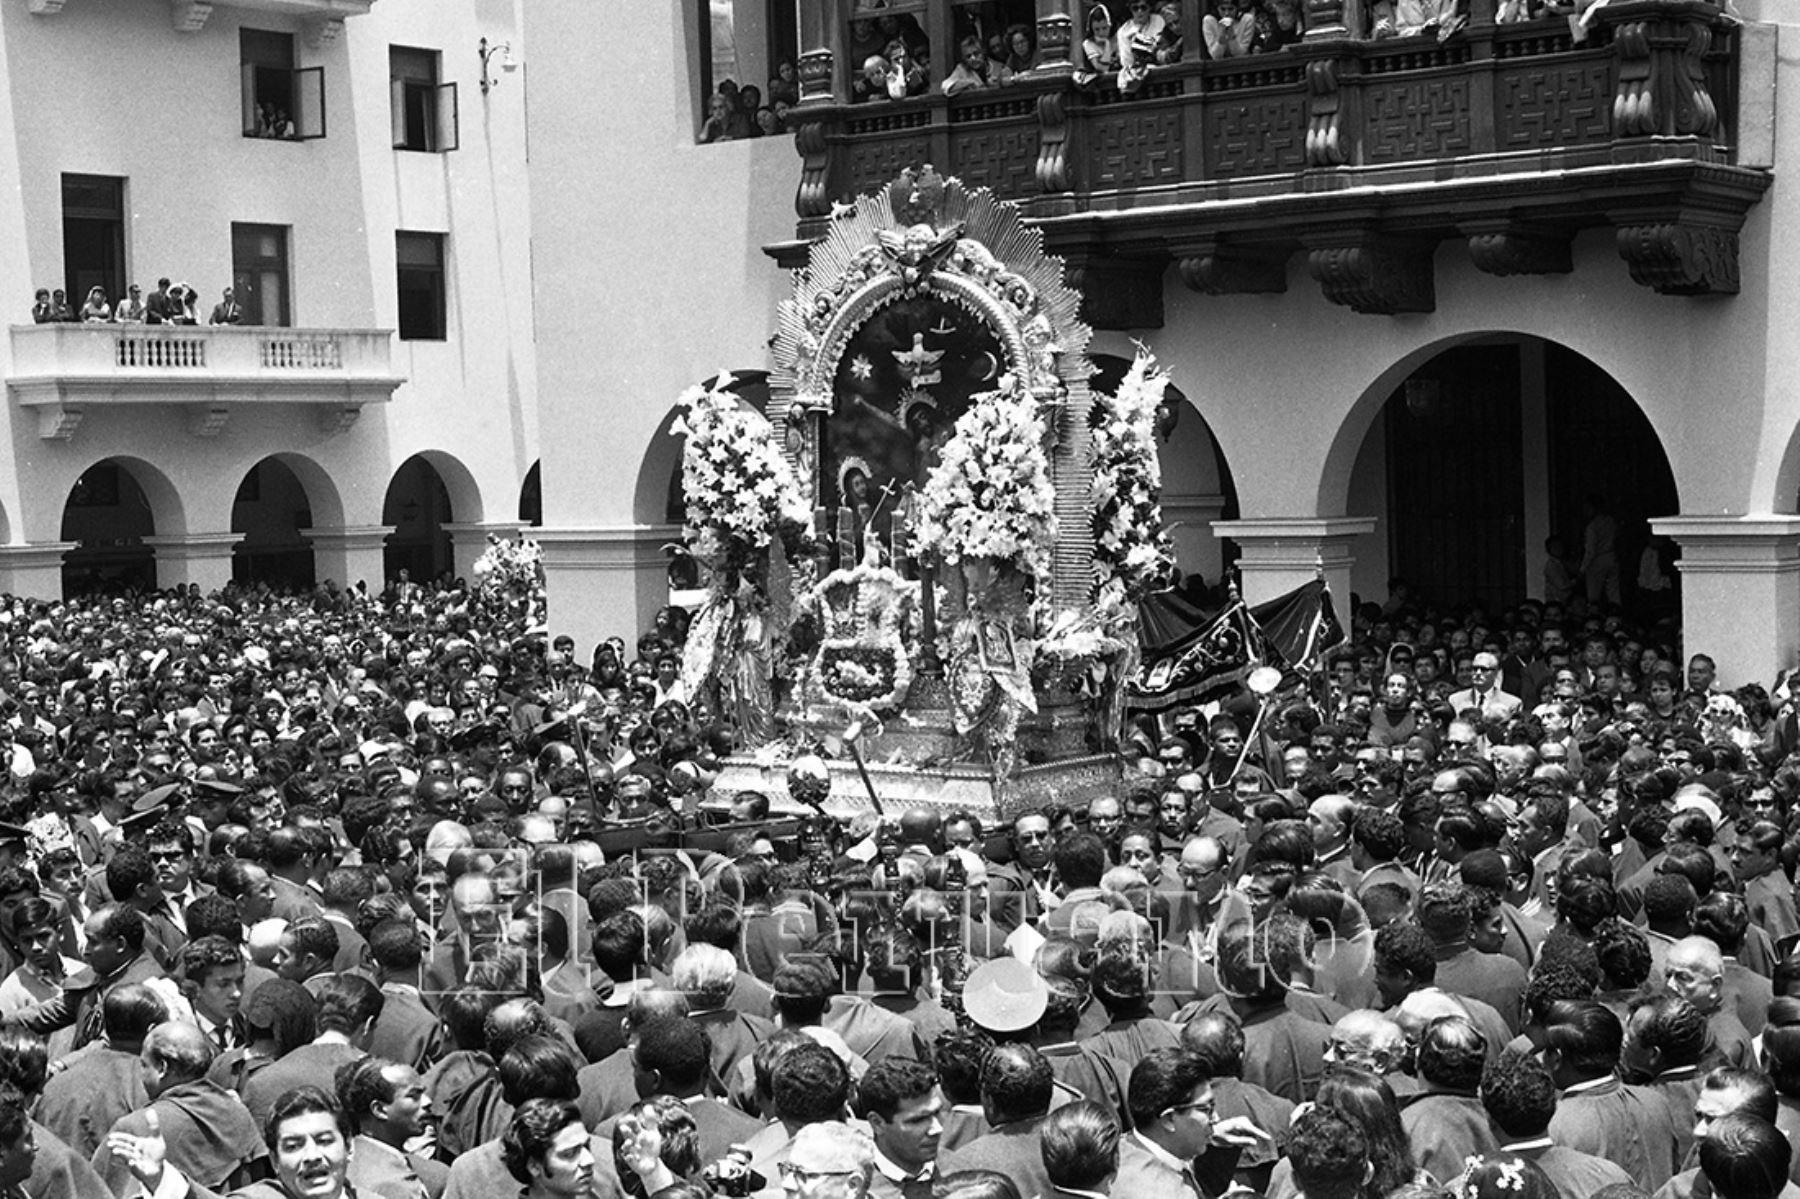 Lima - 18 octubre 1969 / Un inmenso mar morado envolvió las calles de la ciudad acompañando la imagen del Señor de los Milagros en su primer recorrido tradicional del año del Templo de las Nazarenas al la Iglesia de la Victoria.  Foto: Archivo Histórico de EL PERUANO.